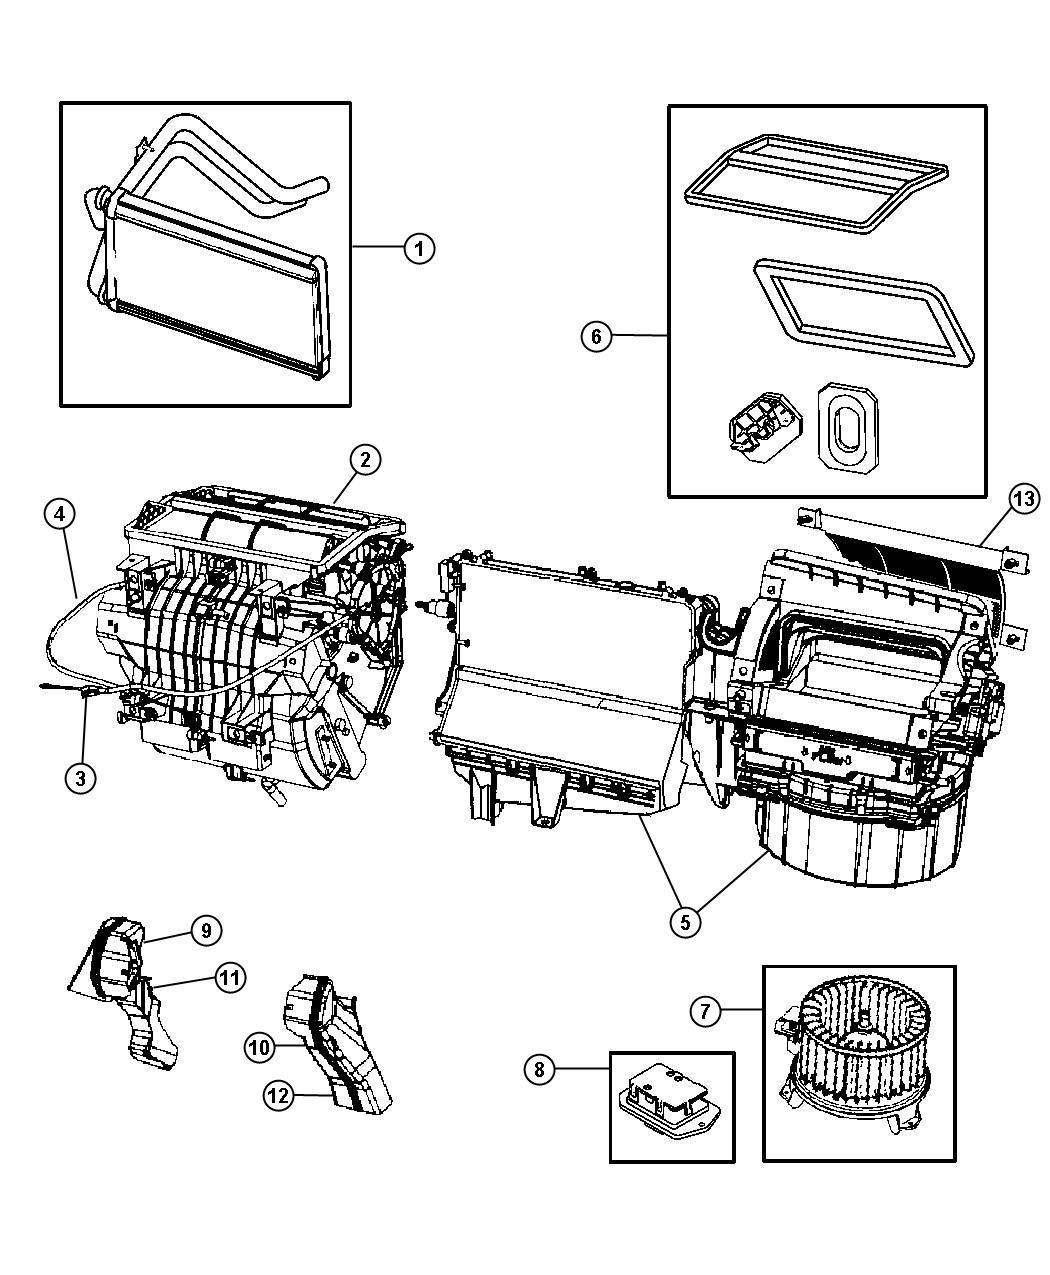 2007 Dodge Caliber Housing. Blower motor. Door, coupler